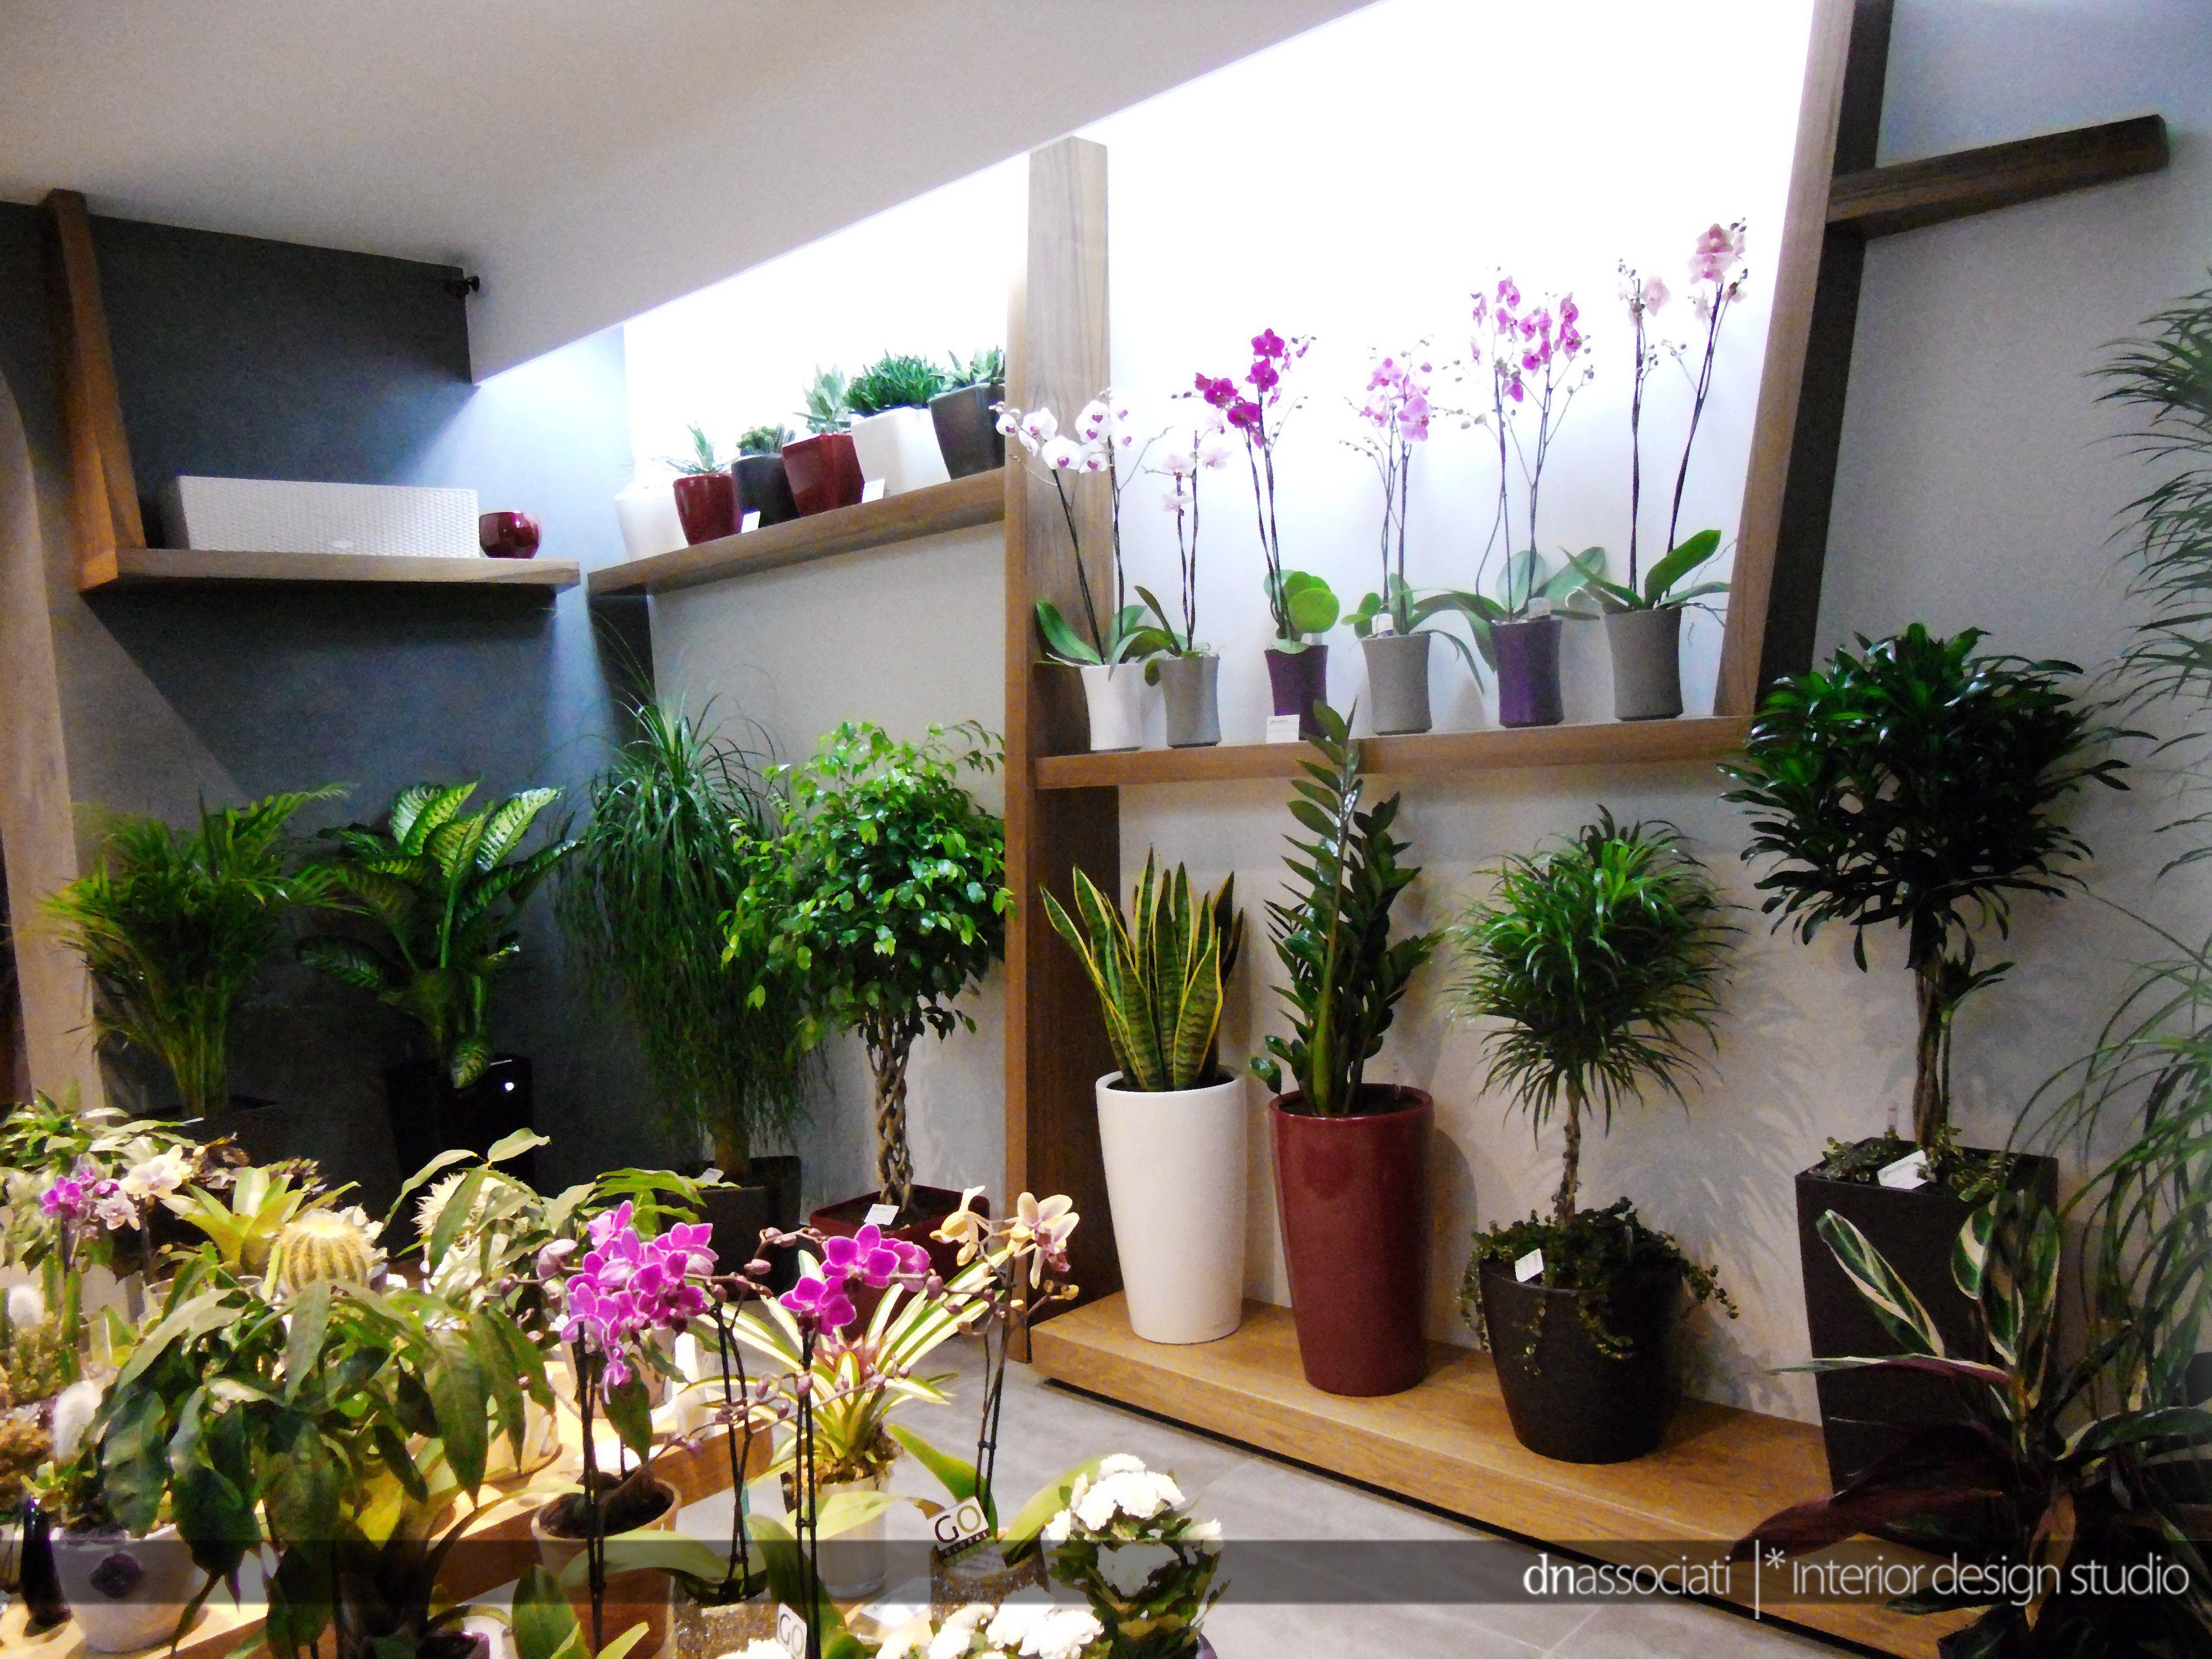 Expo Natura natura design dnassociati interiordesign showroom flowers